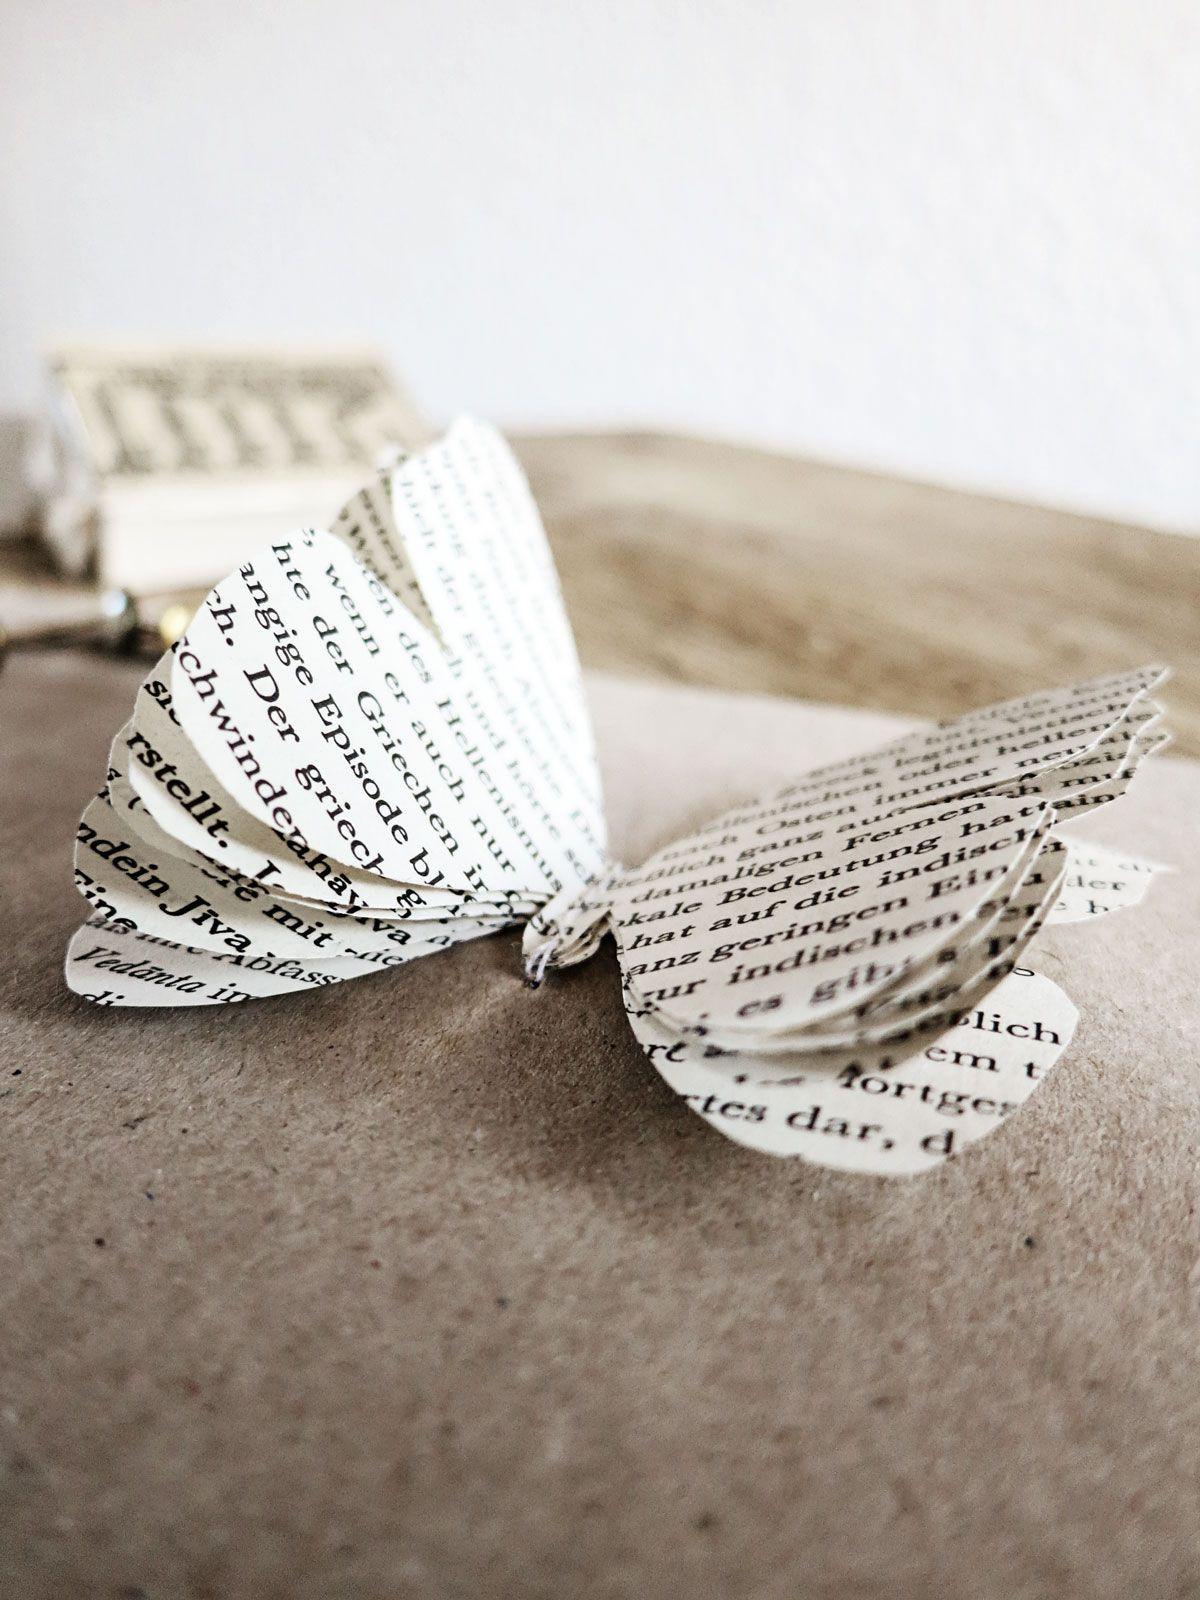 Schnelle Diy Geschenke  DIY Einfach nur Papier Just paper